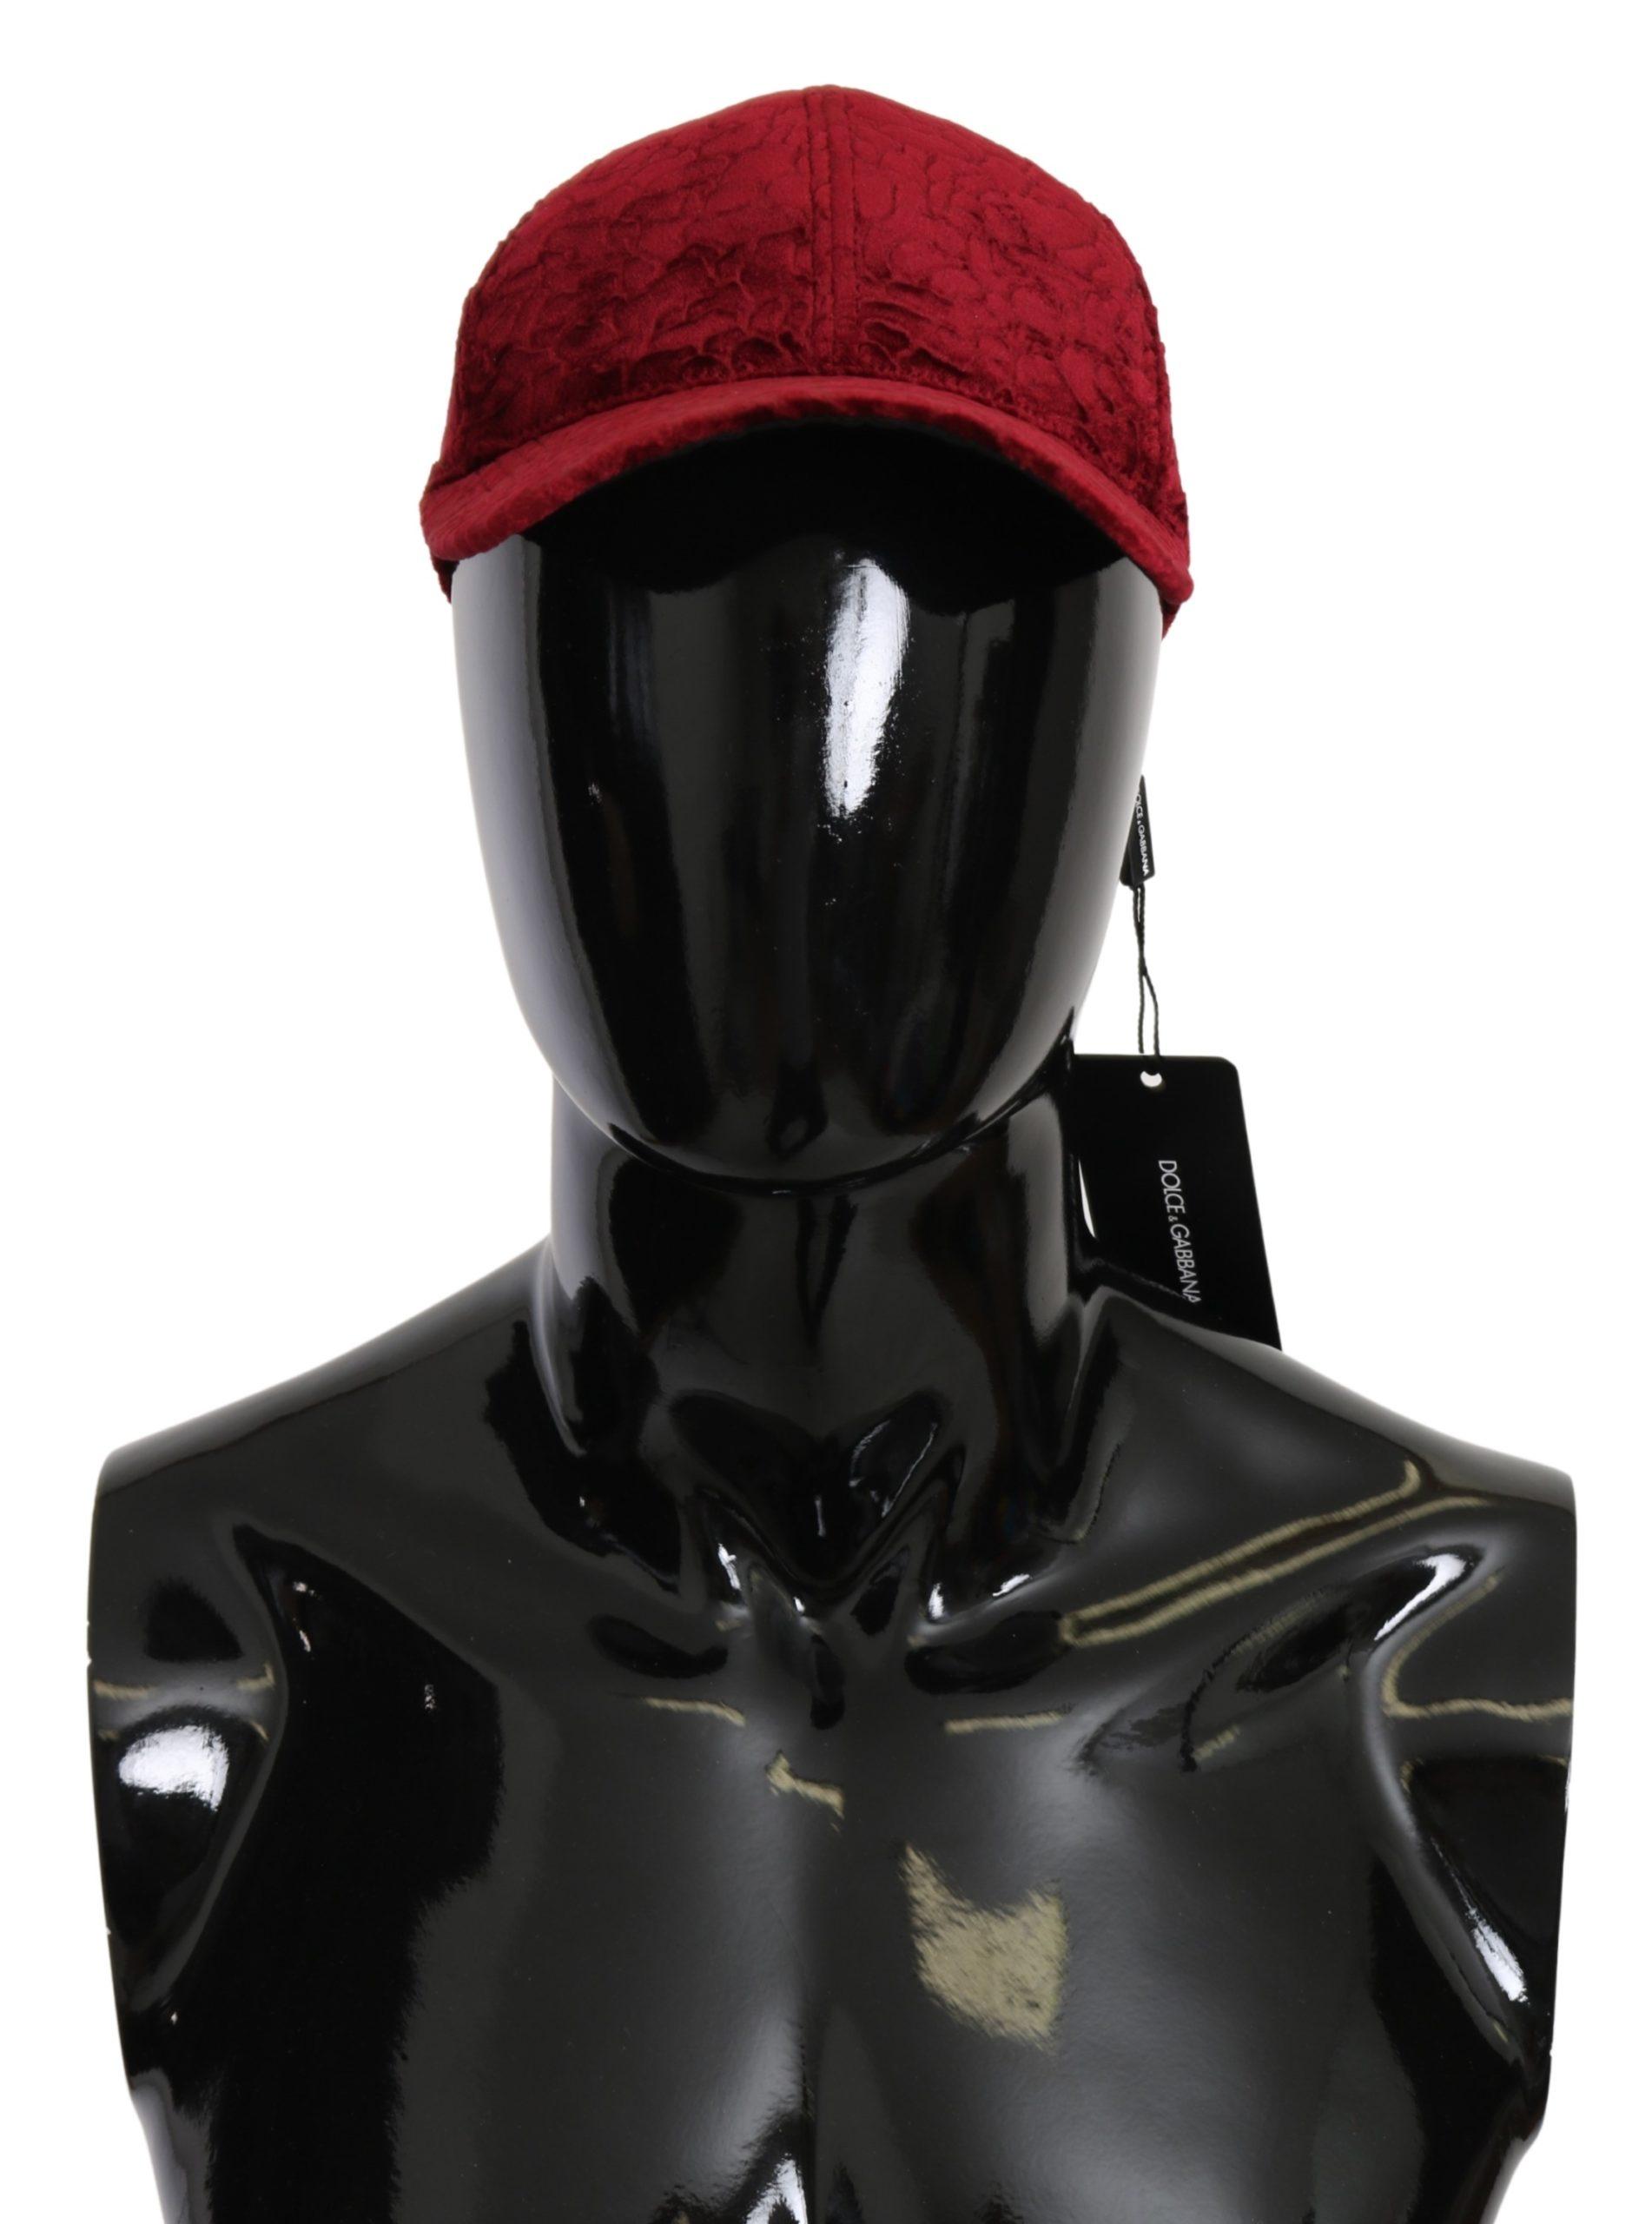 Dolce & Gabbana Men's Lace Baseball Cotton Hat Bordeaux HAT9088 - 58 cm|M